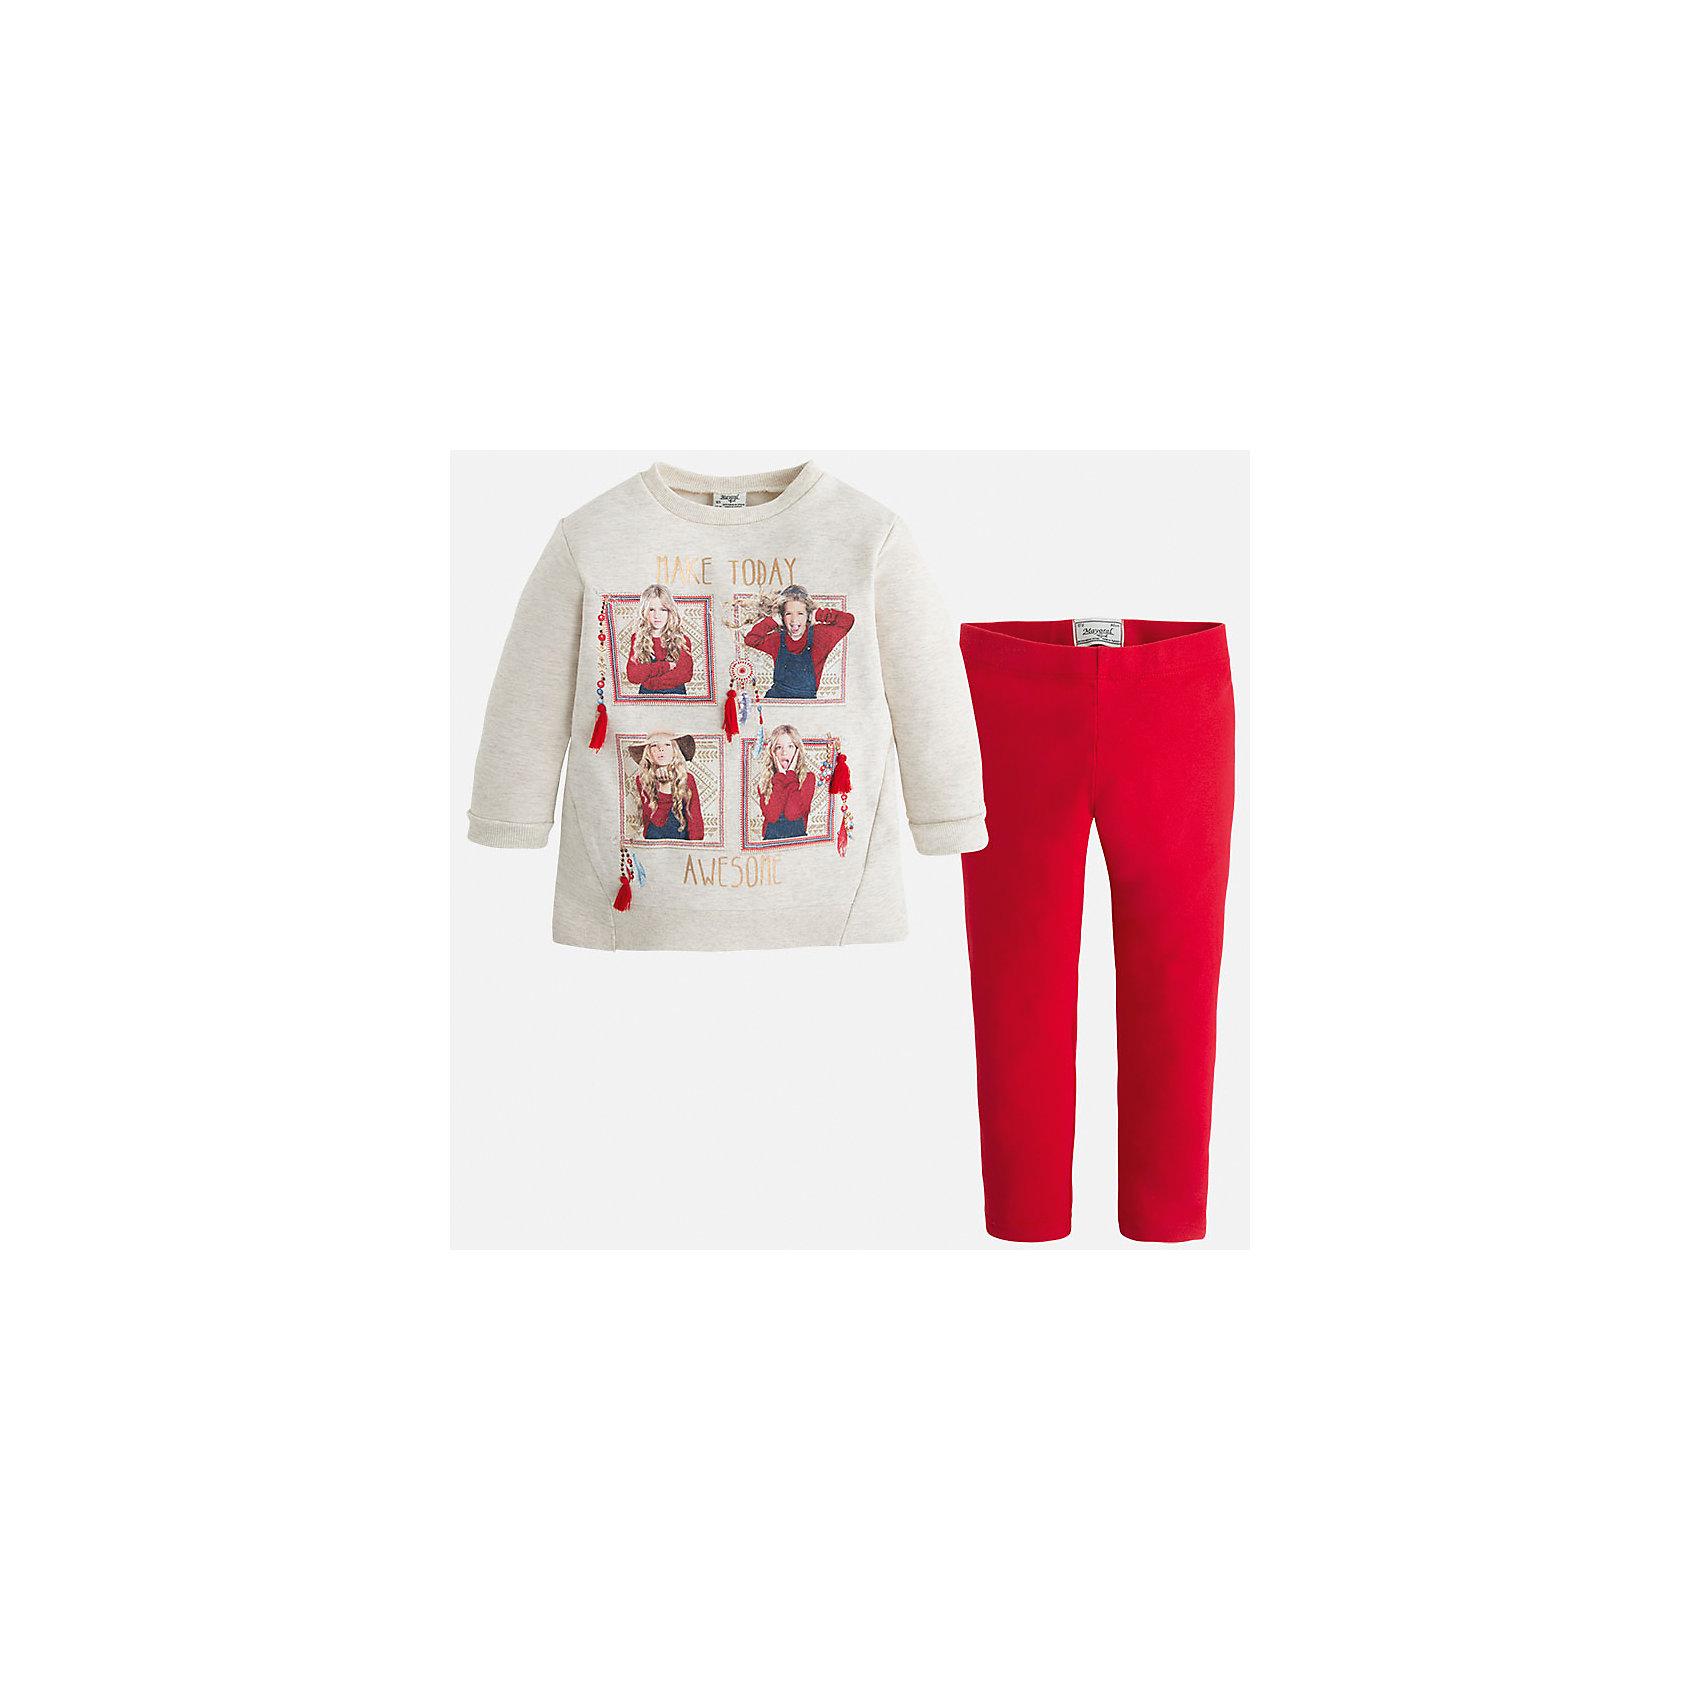 Комплект для девочки: футболка и леггинсы MayoralКомплекты<br>Яркий комплект от Mayoral состоит из футболки с длинным рукавом и леггинсов контрастной расцветки. Футболка оформлена оригинальным принтом с объемными элементами. Леггинсы на поясе с резинкой отлично облегают фигуру, не вытягиваются во время стирки и носки. Комплект выполнен из приятного на ощупь трикотажного материала. <br><br>Дополнительная информация:<br><br>- Мягкий трикотажный материал. <br>- Комплектация: леггинсы, футболка. <br>- Округлый вырез горловины. <br>- Оригинальный принт спереди. <br>- Манжеты и горловина в рубчик.<br>- Леггинсы контрастной расцветки на поясе с резинкой. <br>Состав:<br>- 60% хлопок, 35% полиэстер, 5% эластан.<br><br>Комплект: футболку и леггинсы для девочки Mayoral (Майорал), кремовый/красный, можно купить в нашем магазине.<br><br>Ширина мм: 123<br>Глубина мм: 10<br>Высота мм: 149<br>Вес г: 209<br>Цвет: красный<br>Возраст от месяцев: 24<br>Возраст до месяцев: 36<br>Пол: Женский<br>Возраст: Детский<br>Размер: 98,110,122,92,128,134,116,104<br>SKU: 4844952